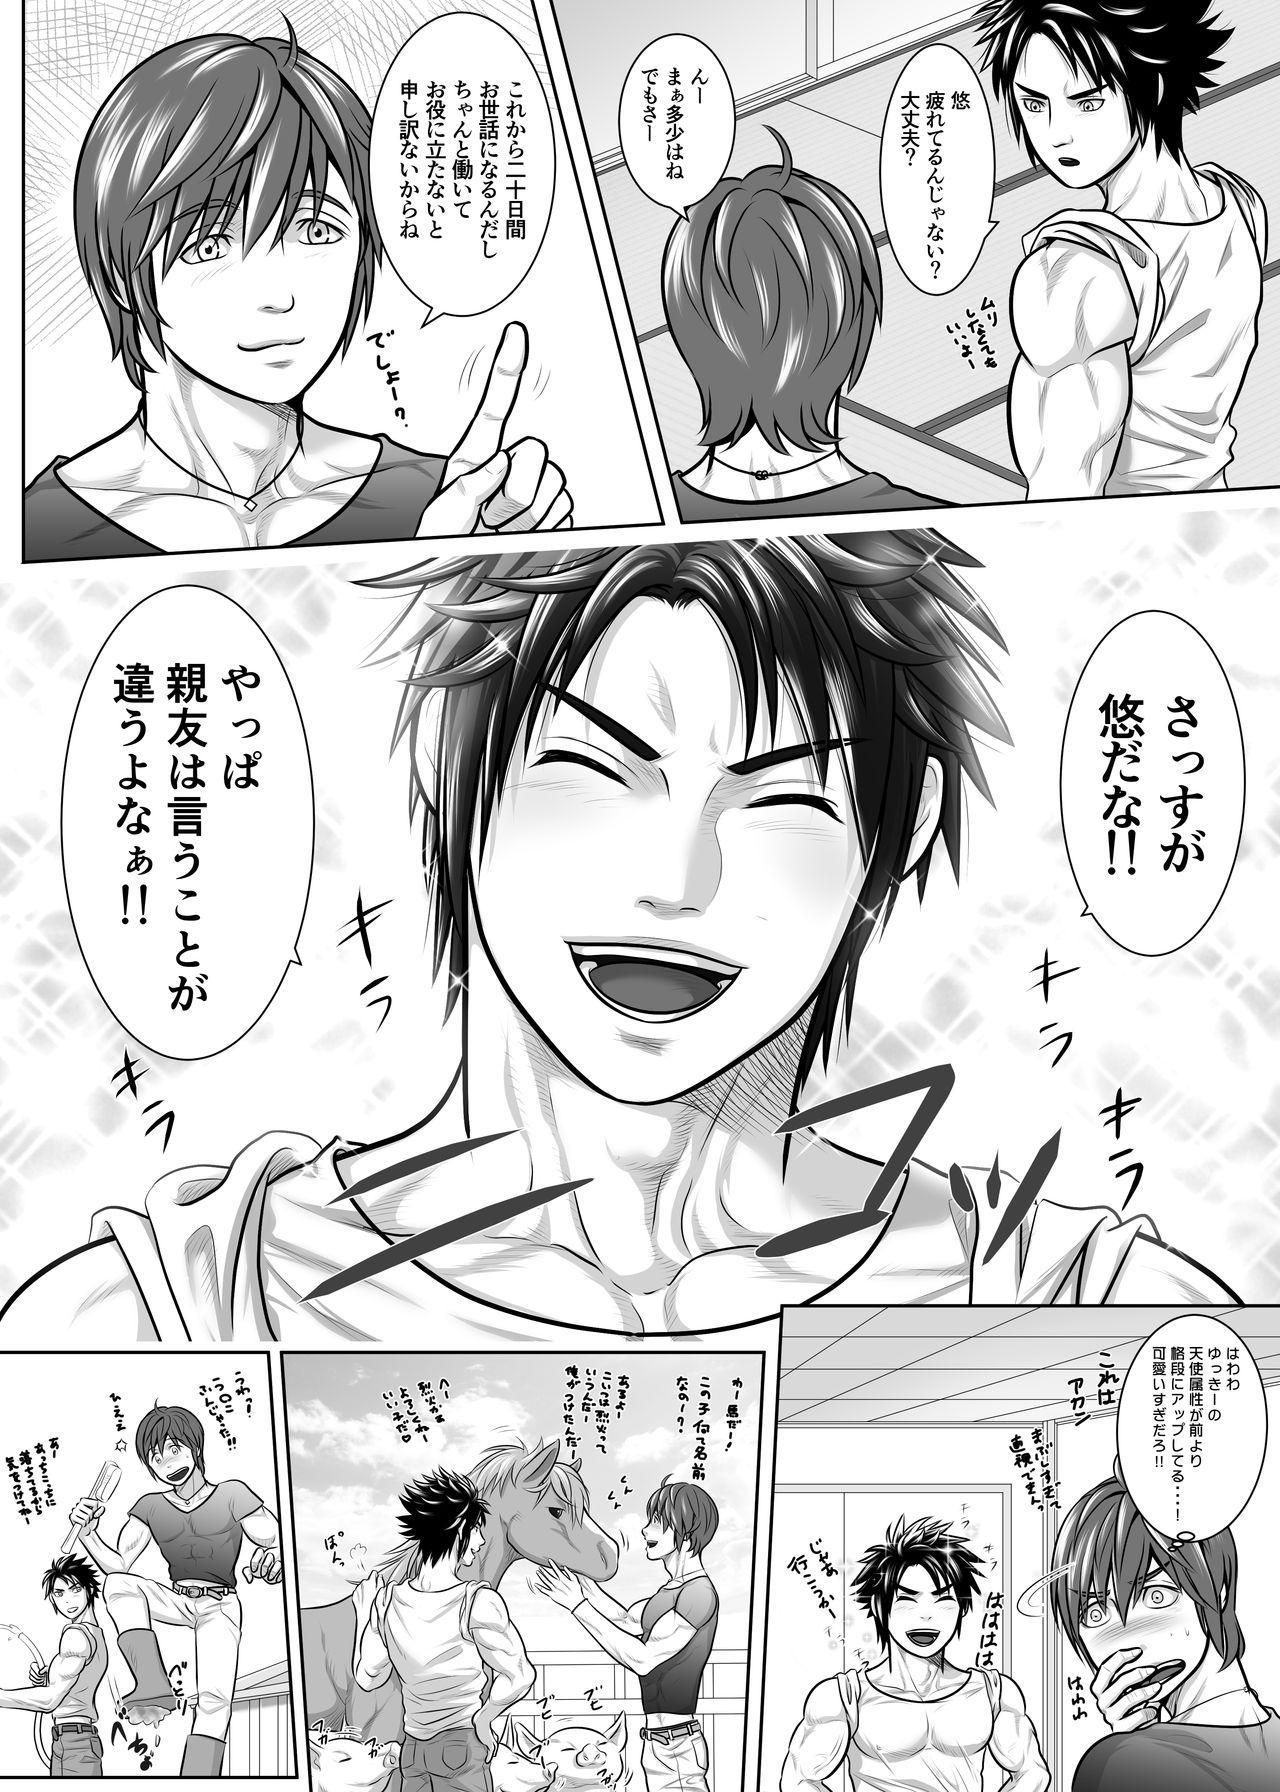 Y + Y = Fuel !! ~Makichichi Hen of summer~ 5